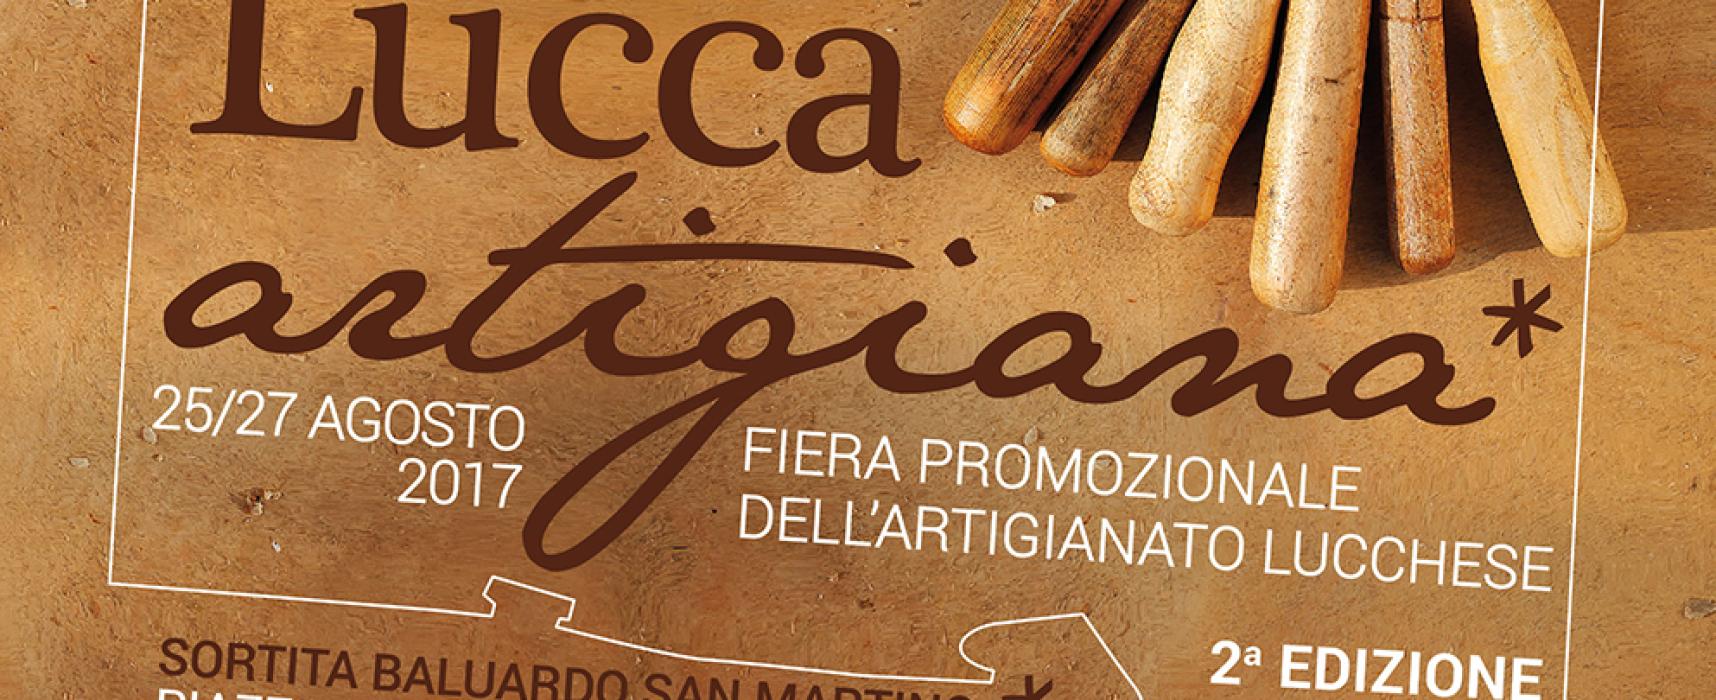 """LuccArtigiana: 19 le aziende pronte ad esporre i prodotti """"made in Lucca"""""""